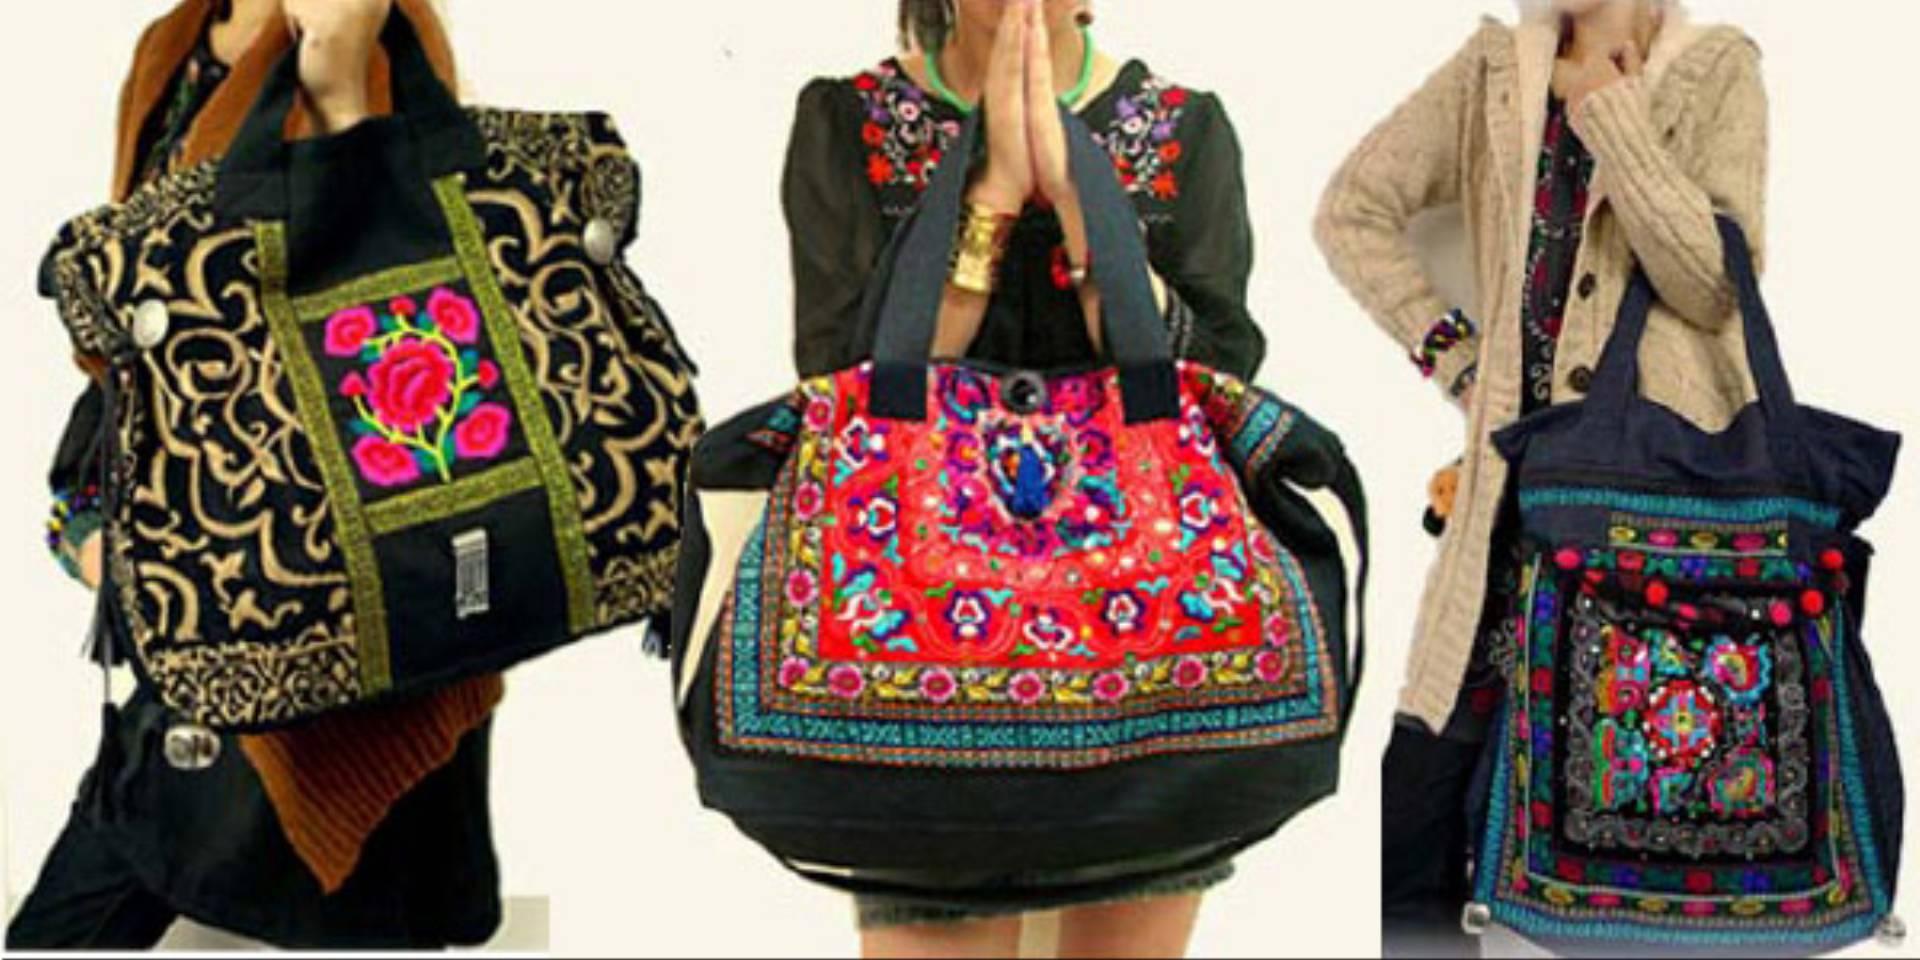 30f1a412f7347 Wyjątkowe torby o etnicznym charakterze dla wyjątkowych kobiet -  KobietaMag.pl